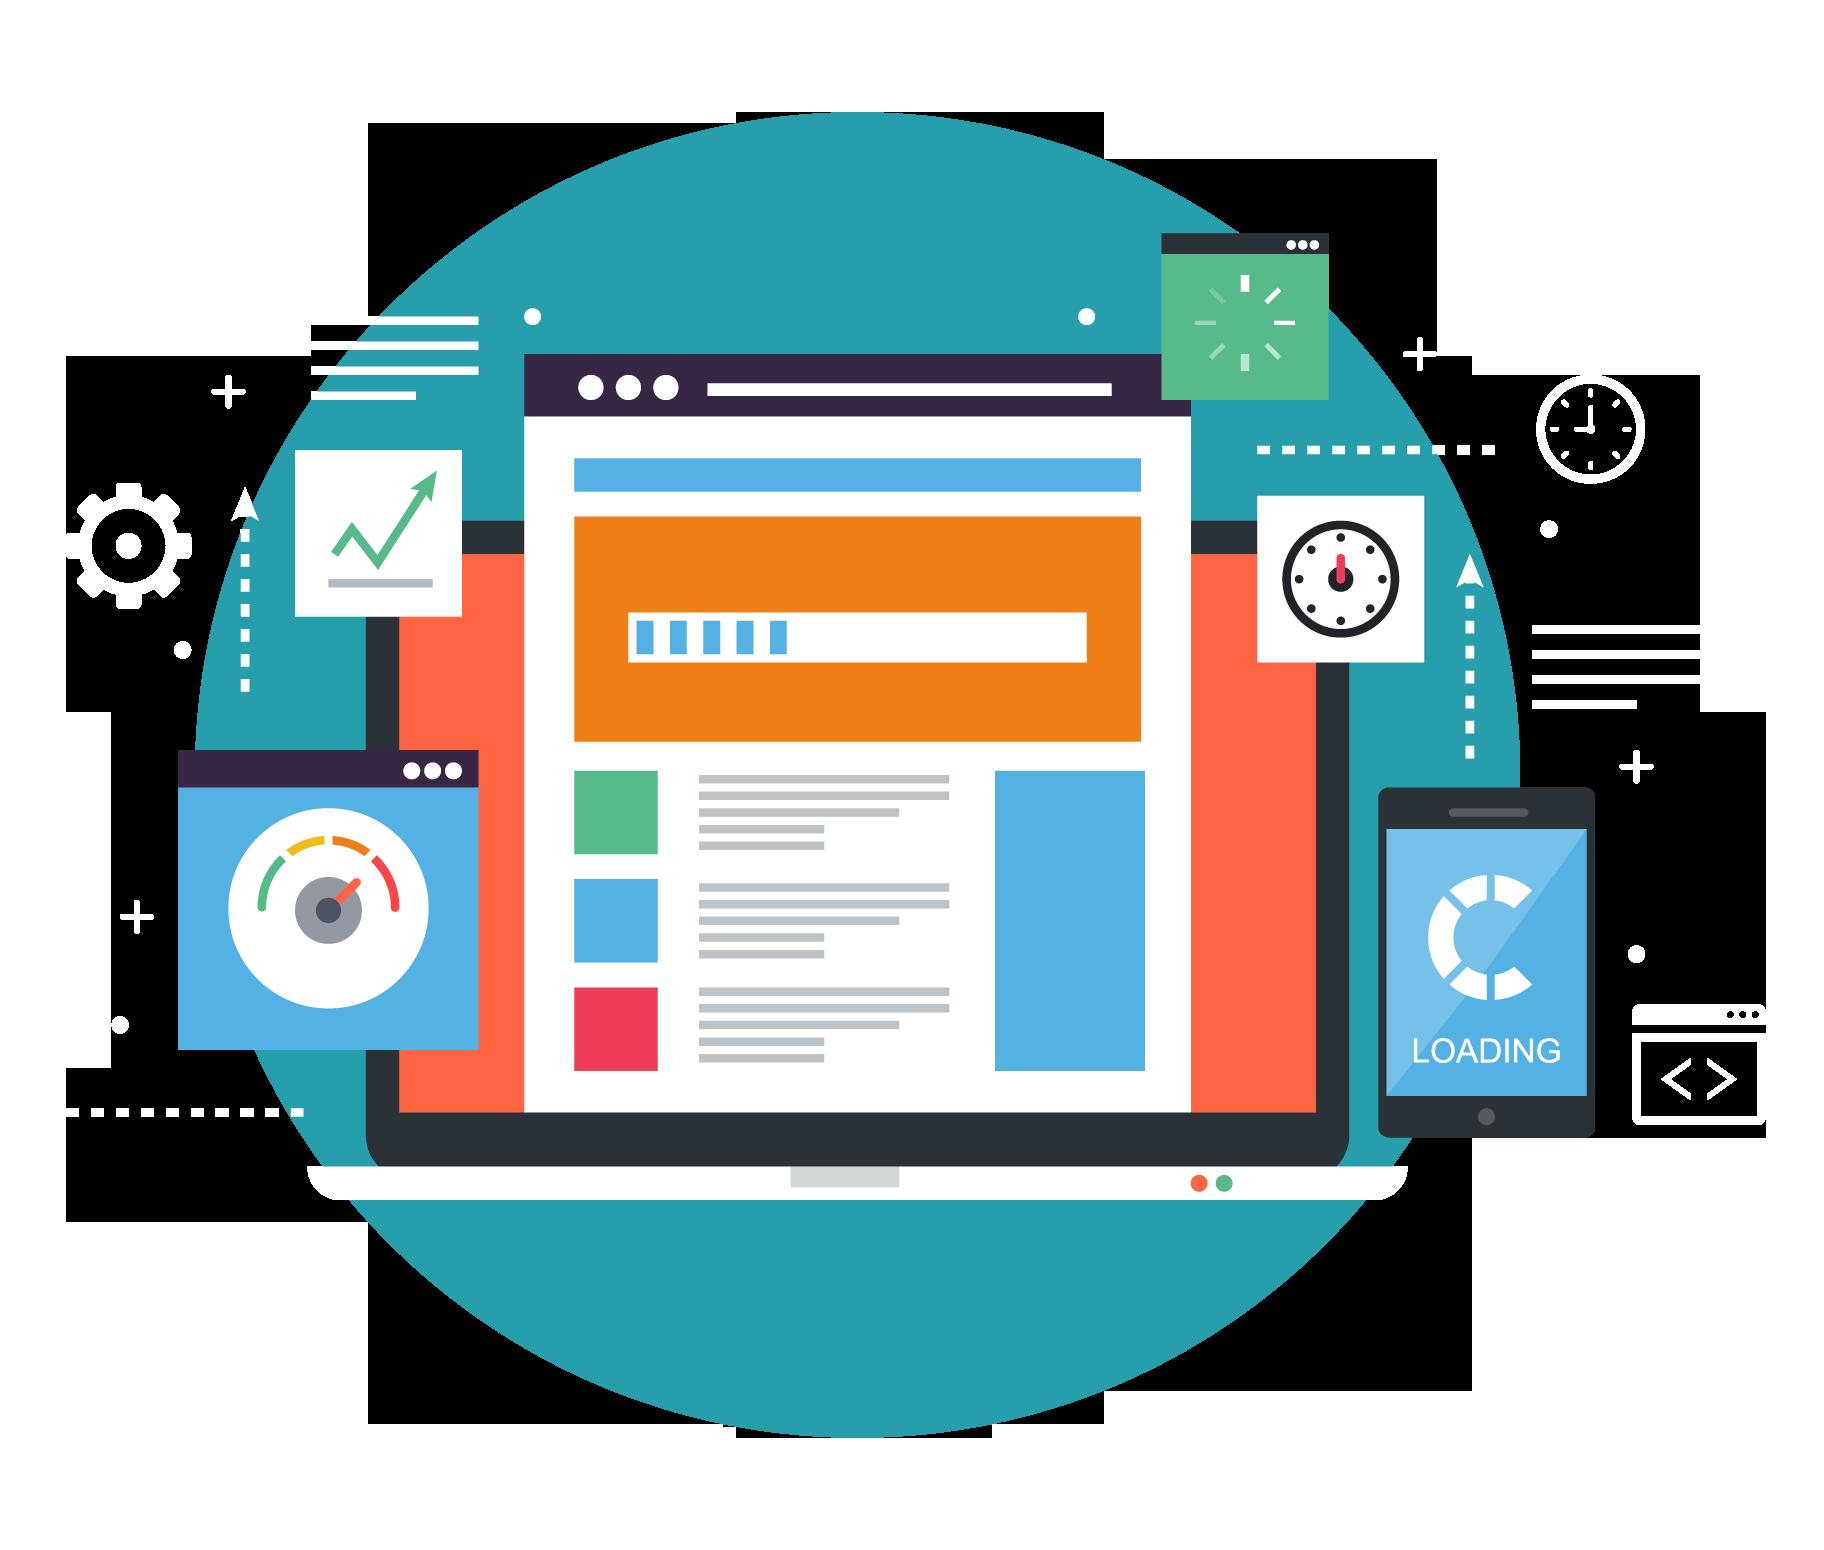 Unsere Website Analyse hilft Ihnen Ihre Website so zu optimieren, dass diese ein erfolgreiches Marketingwerkzeug wird.